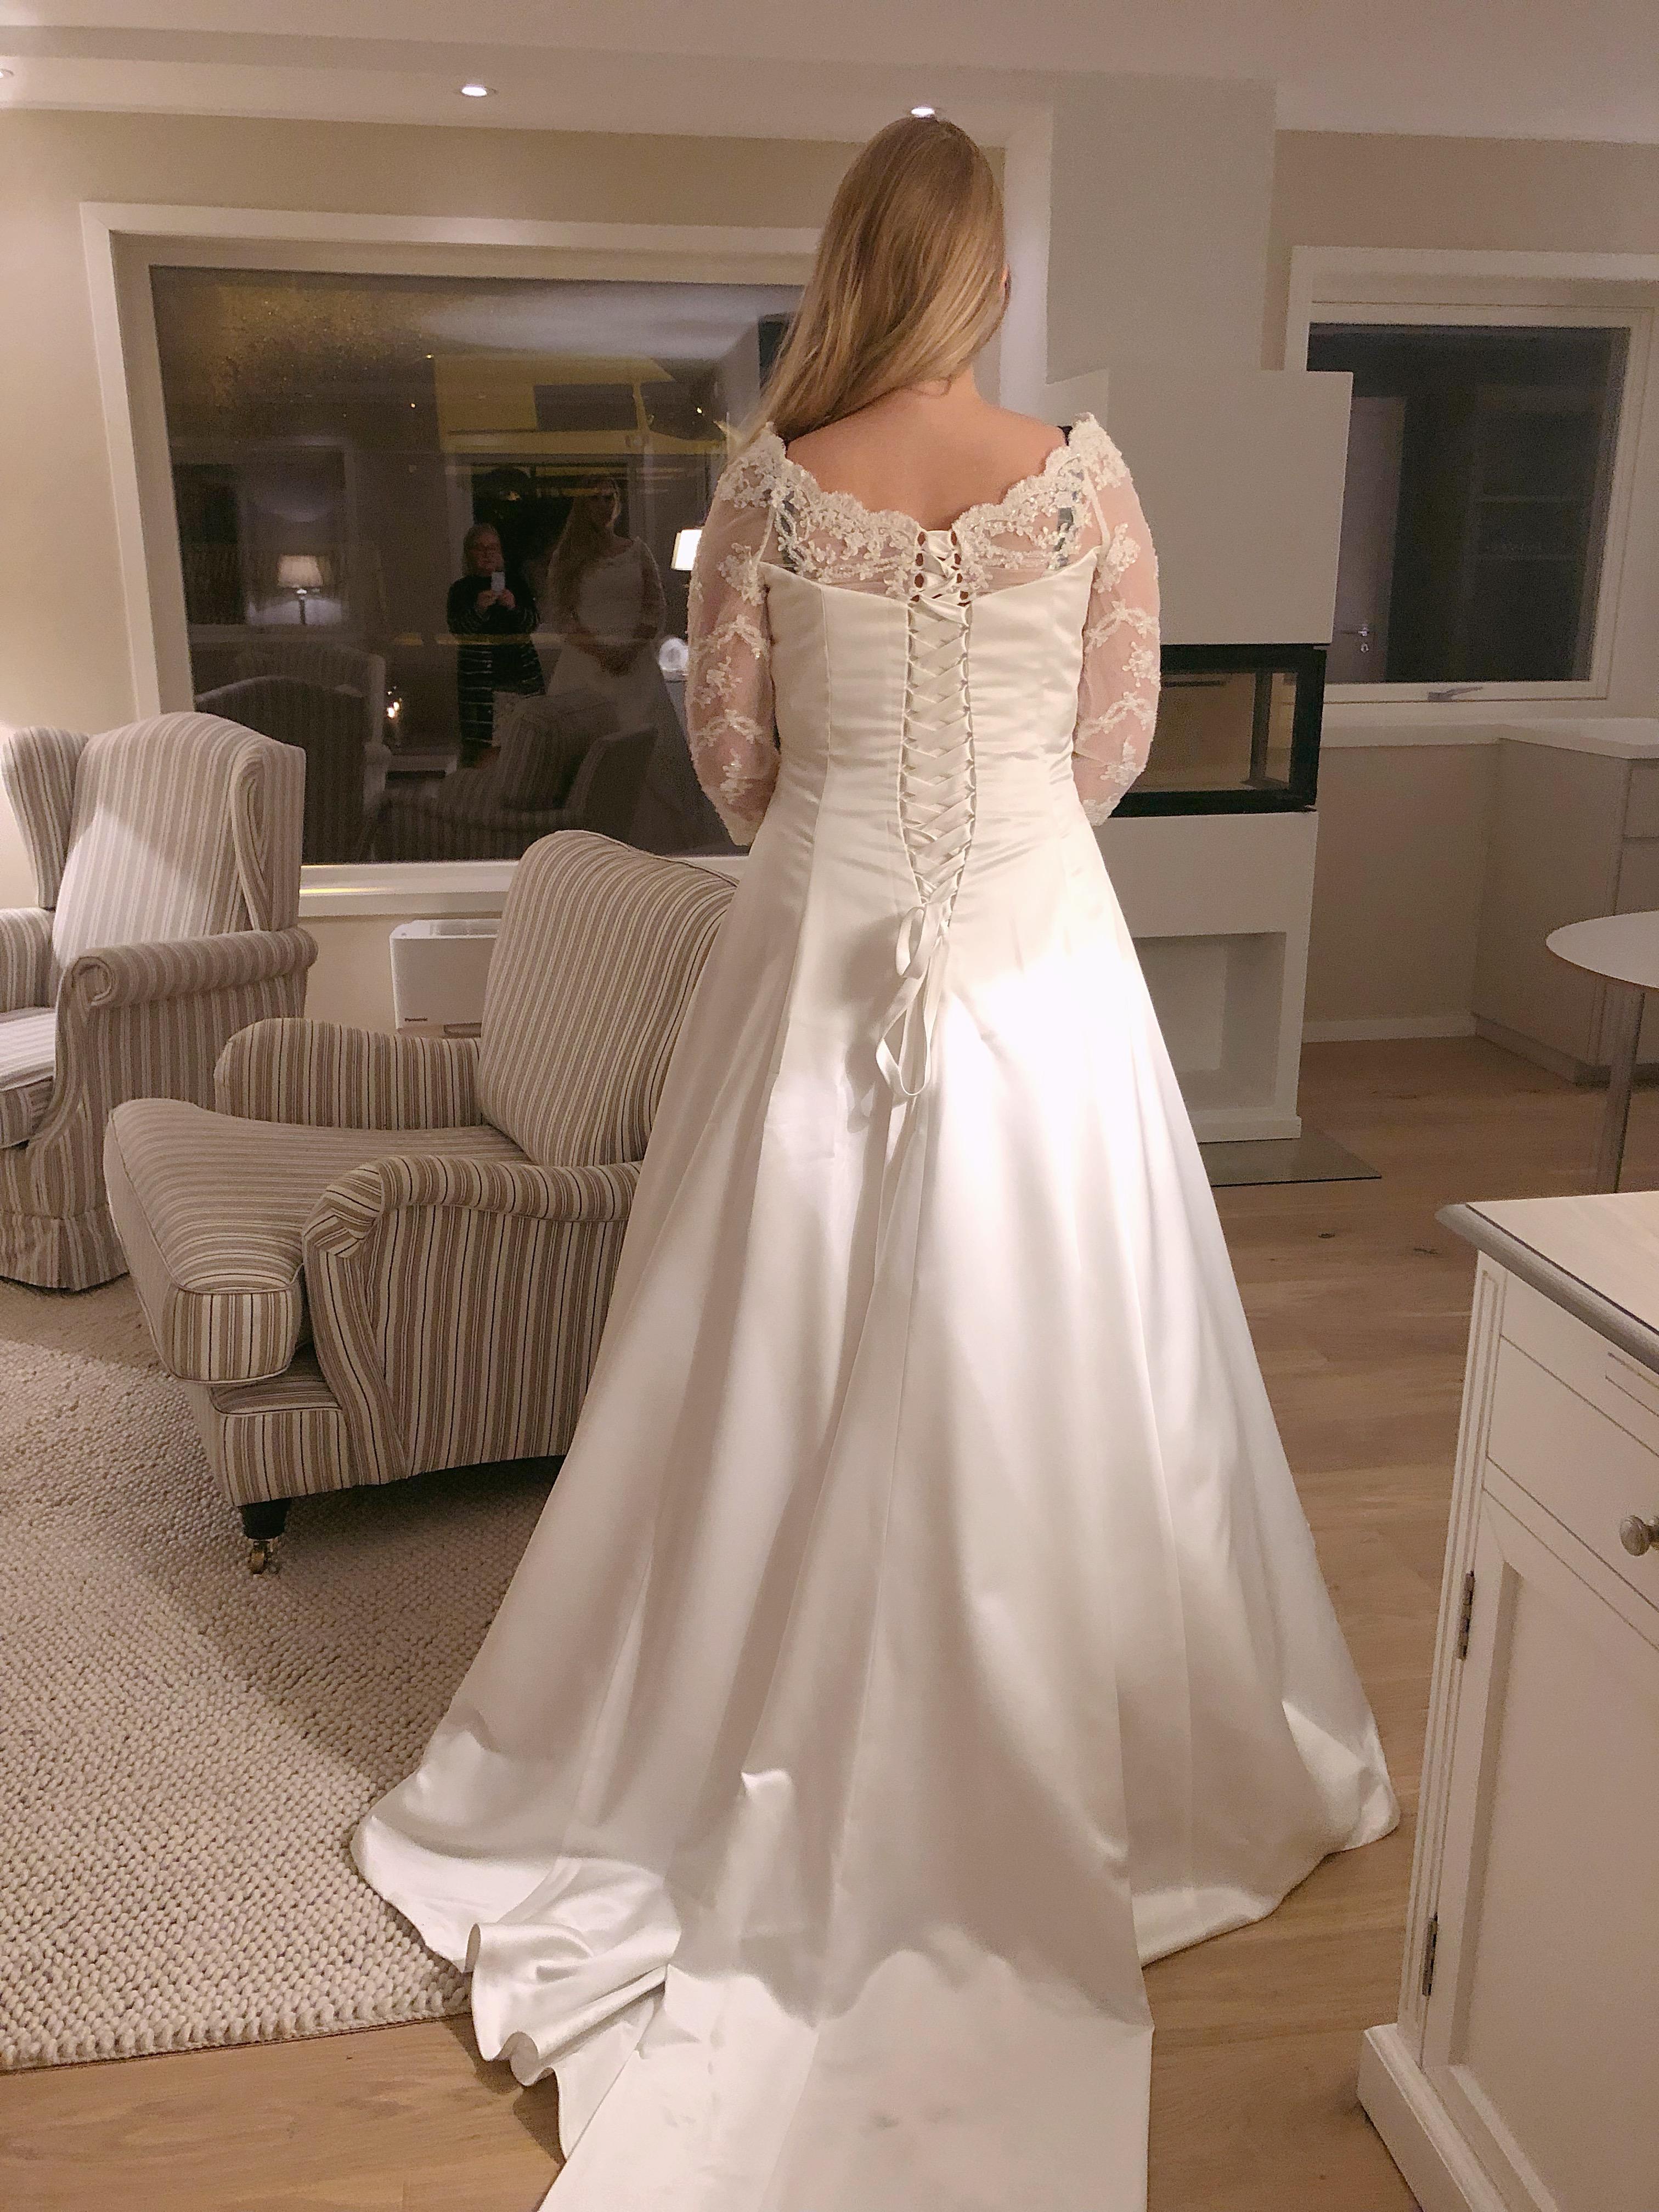 e9e58821 For dette var drømmekjolen min og jeg trengte ikke bruke mer tid på å lete  etter flere brudekjoler.